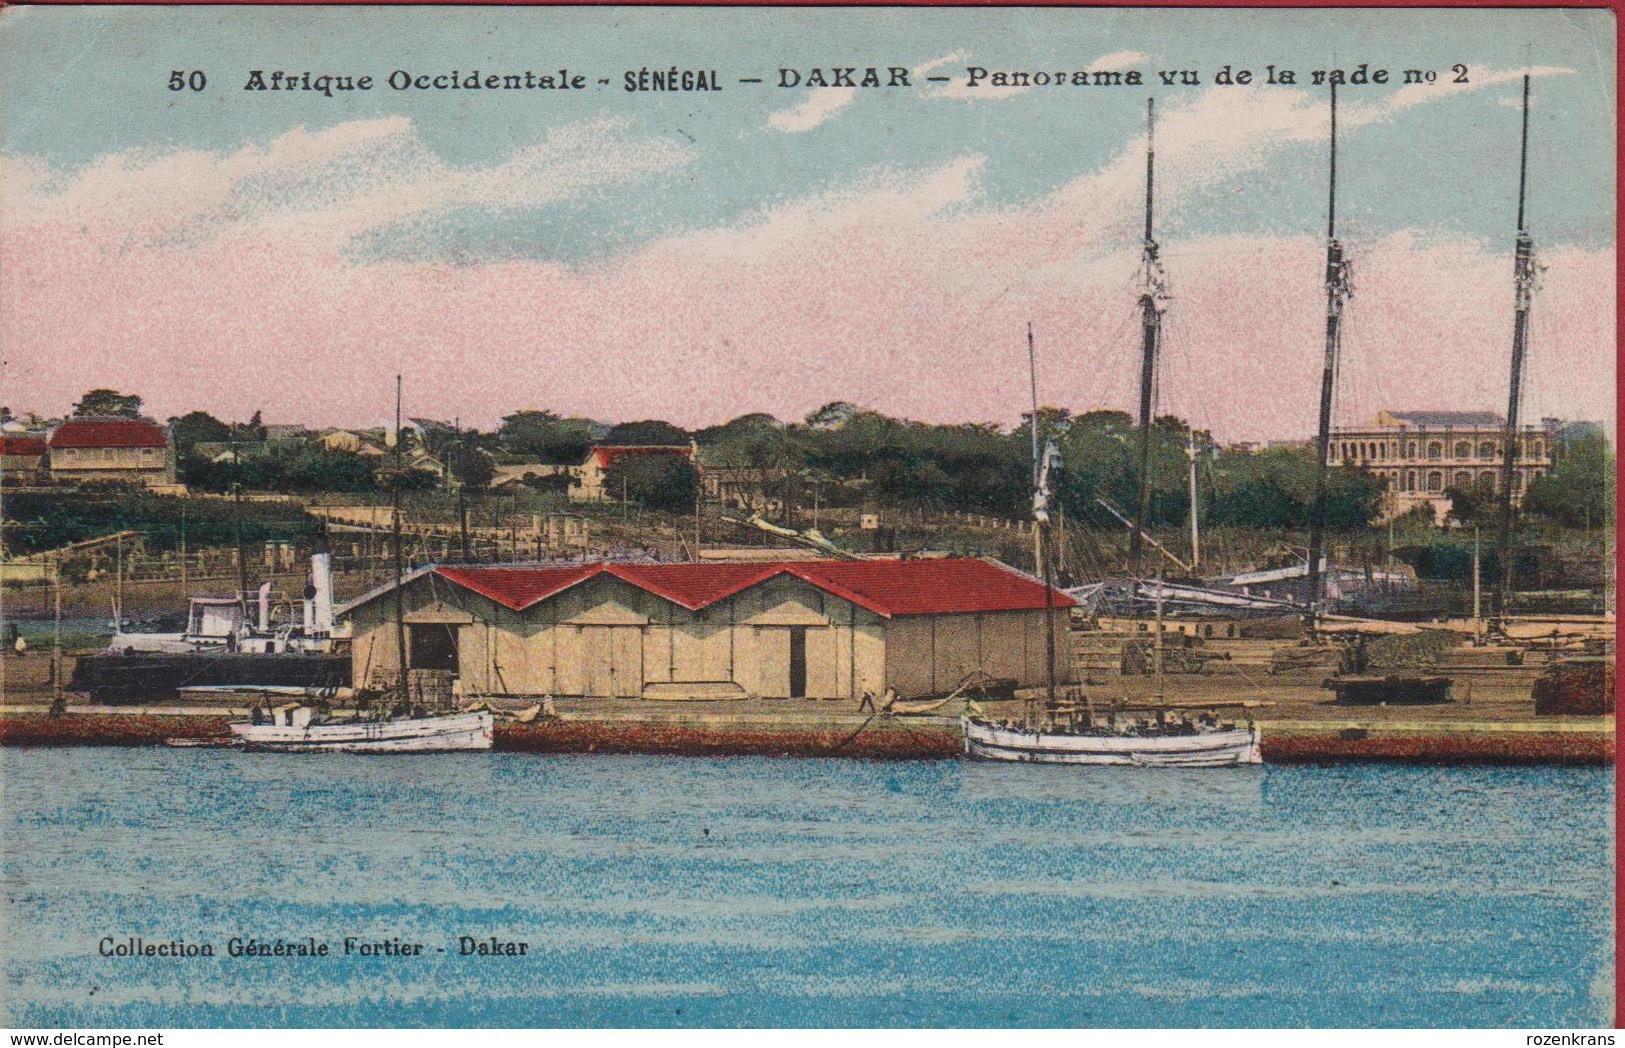 Senegal 1919 Senegal Dakar Panorama Vu De La Rade Nr. 2 Les Quais Le Port Harbour Afrika Africa Afrique Occidentale (pli - Sénégal